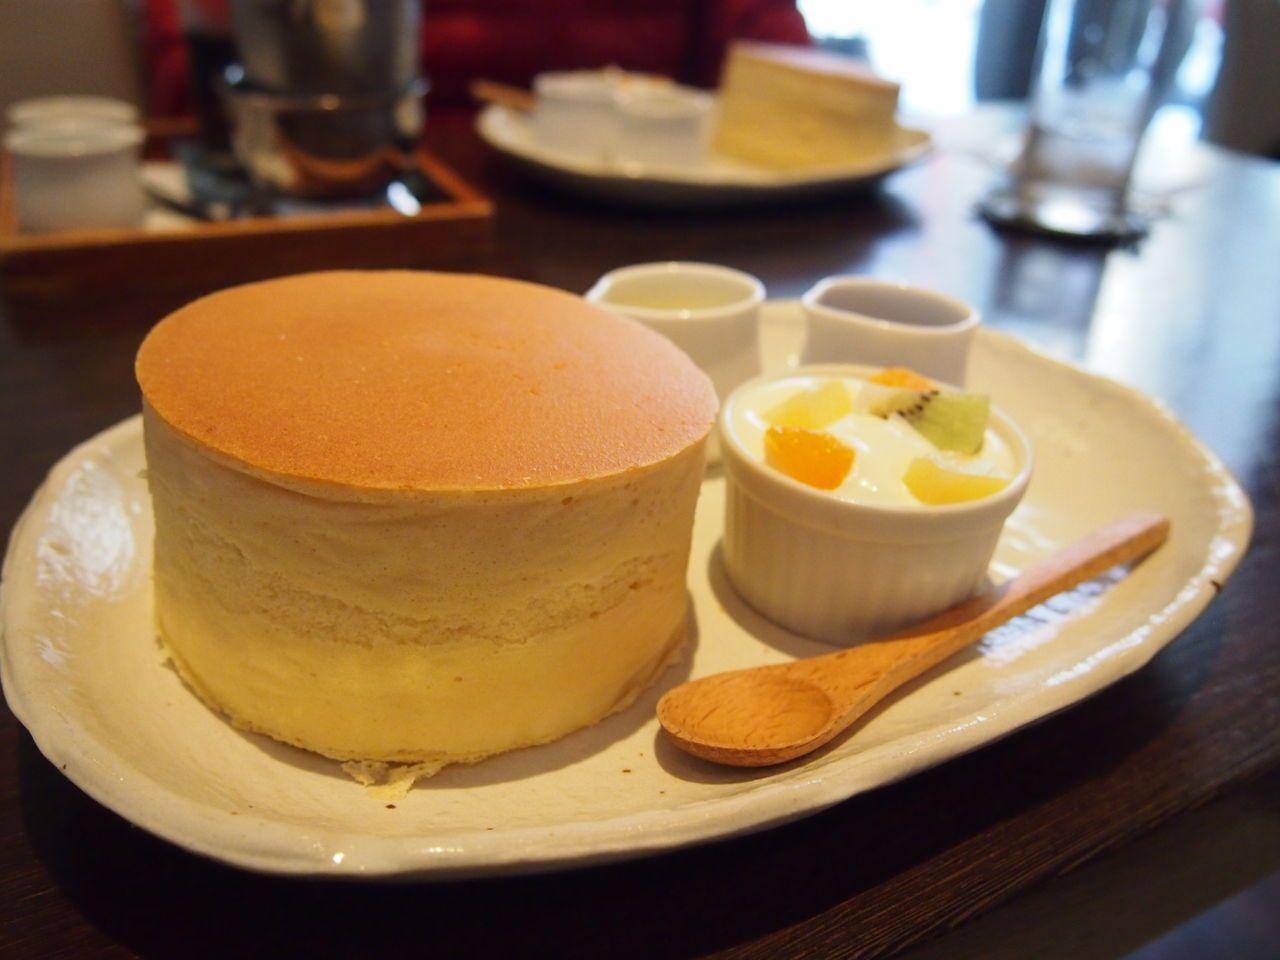 厚さ5cm!日本一分厚いパンケーキがある「カフェサロンSONJIN」